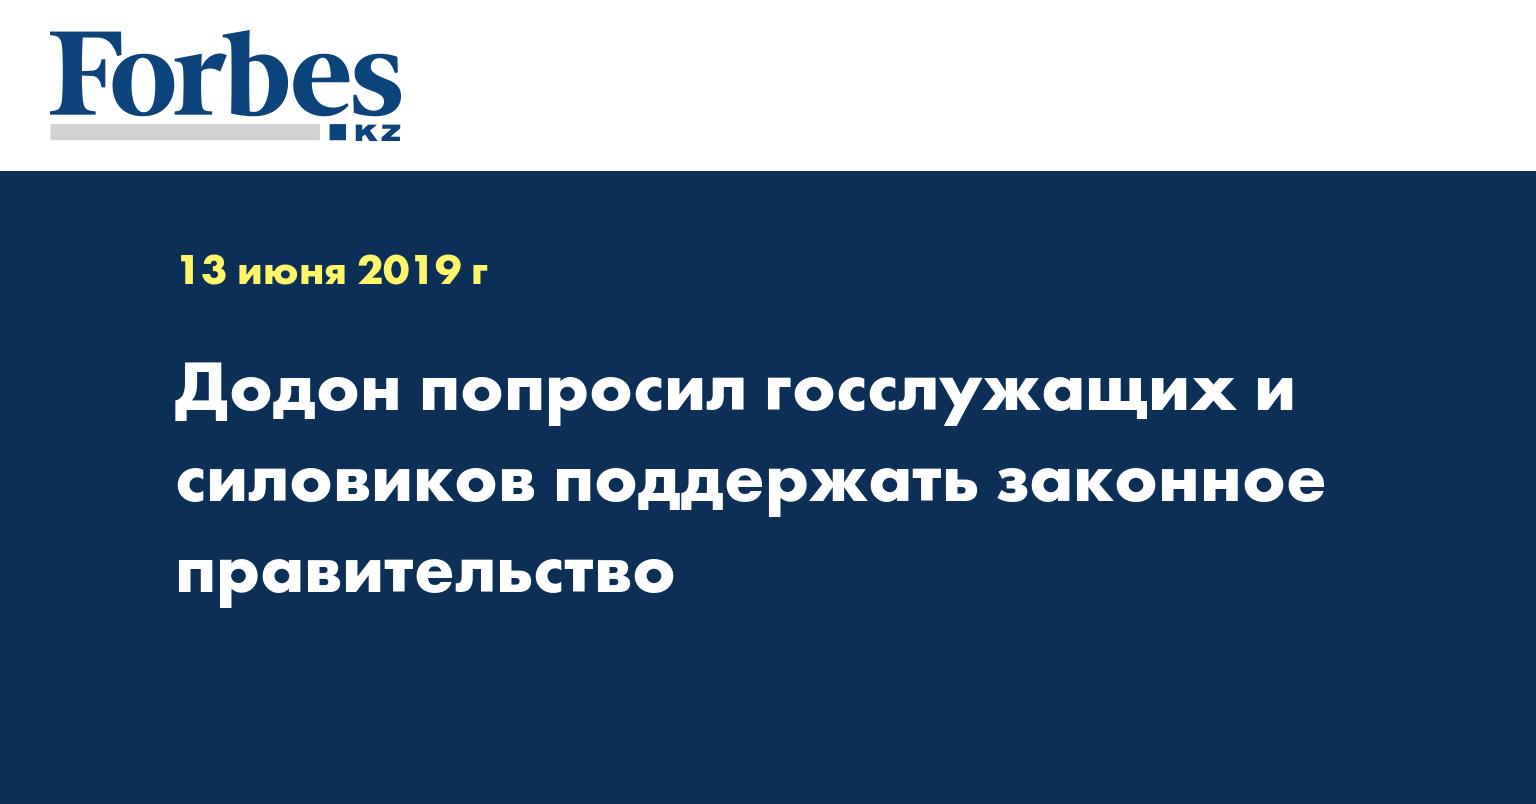 Додон попросил госслужащих и силовиков поддержать законное правительство